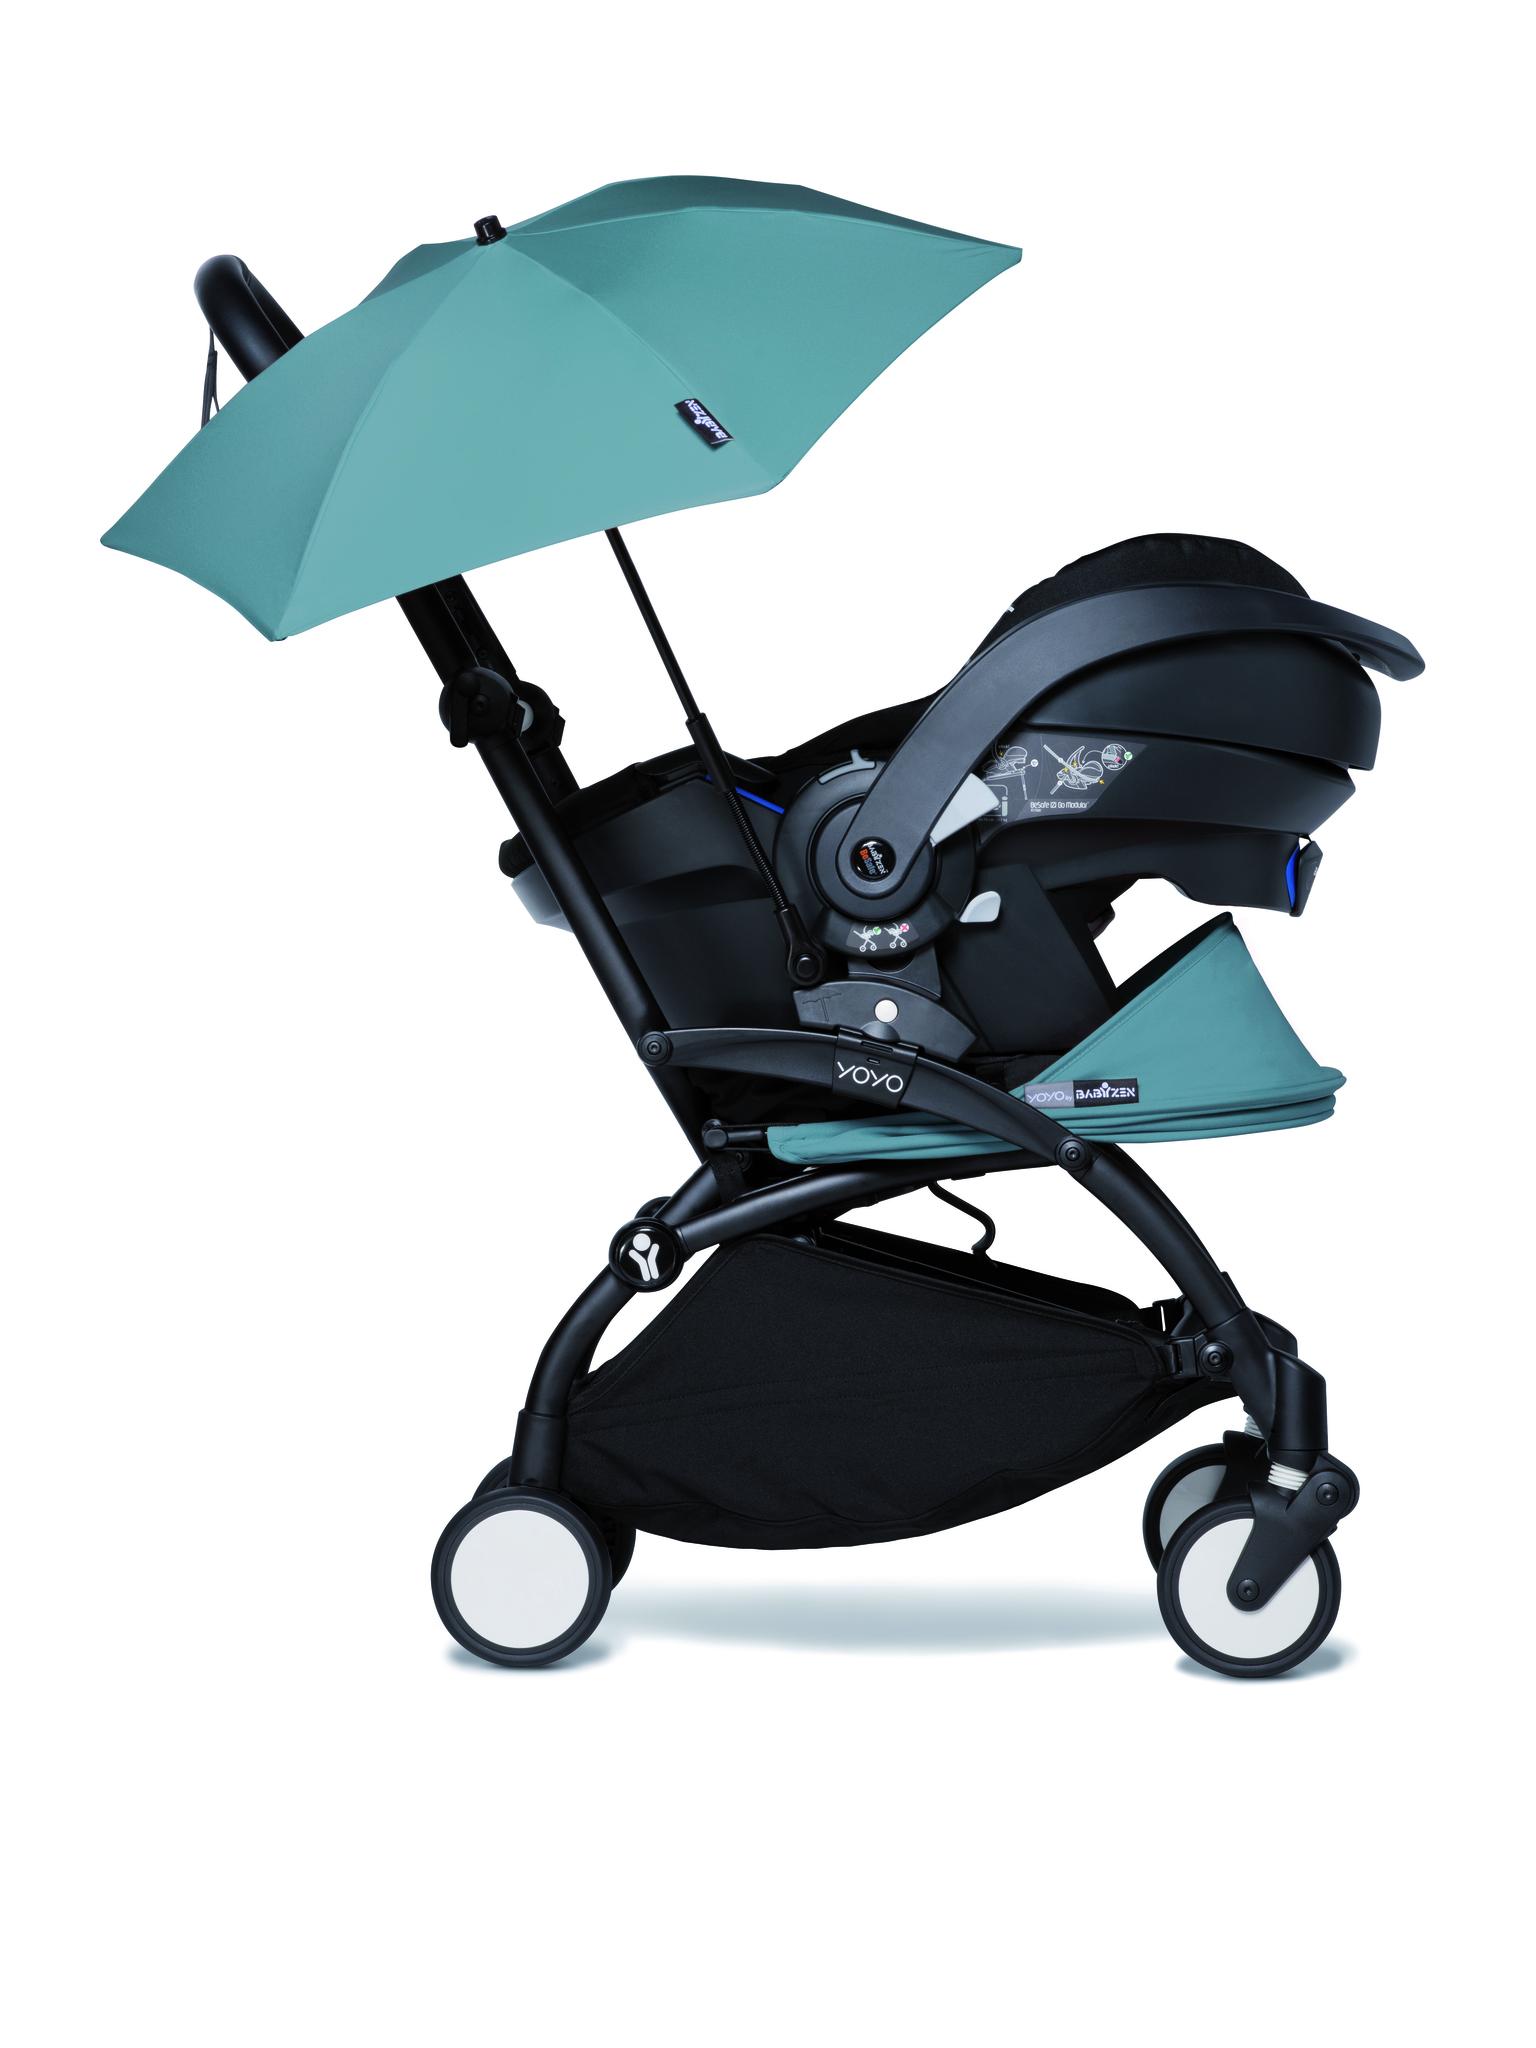 Зонт BabyZen YOYO + Aqua Аква